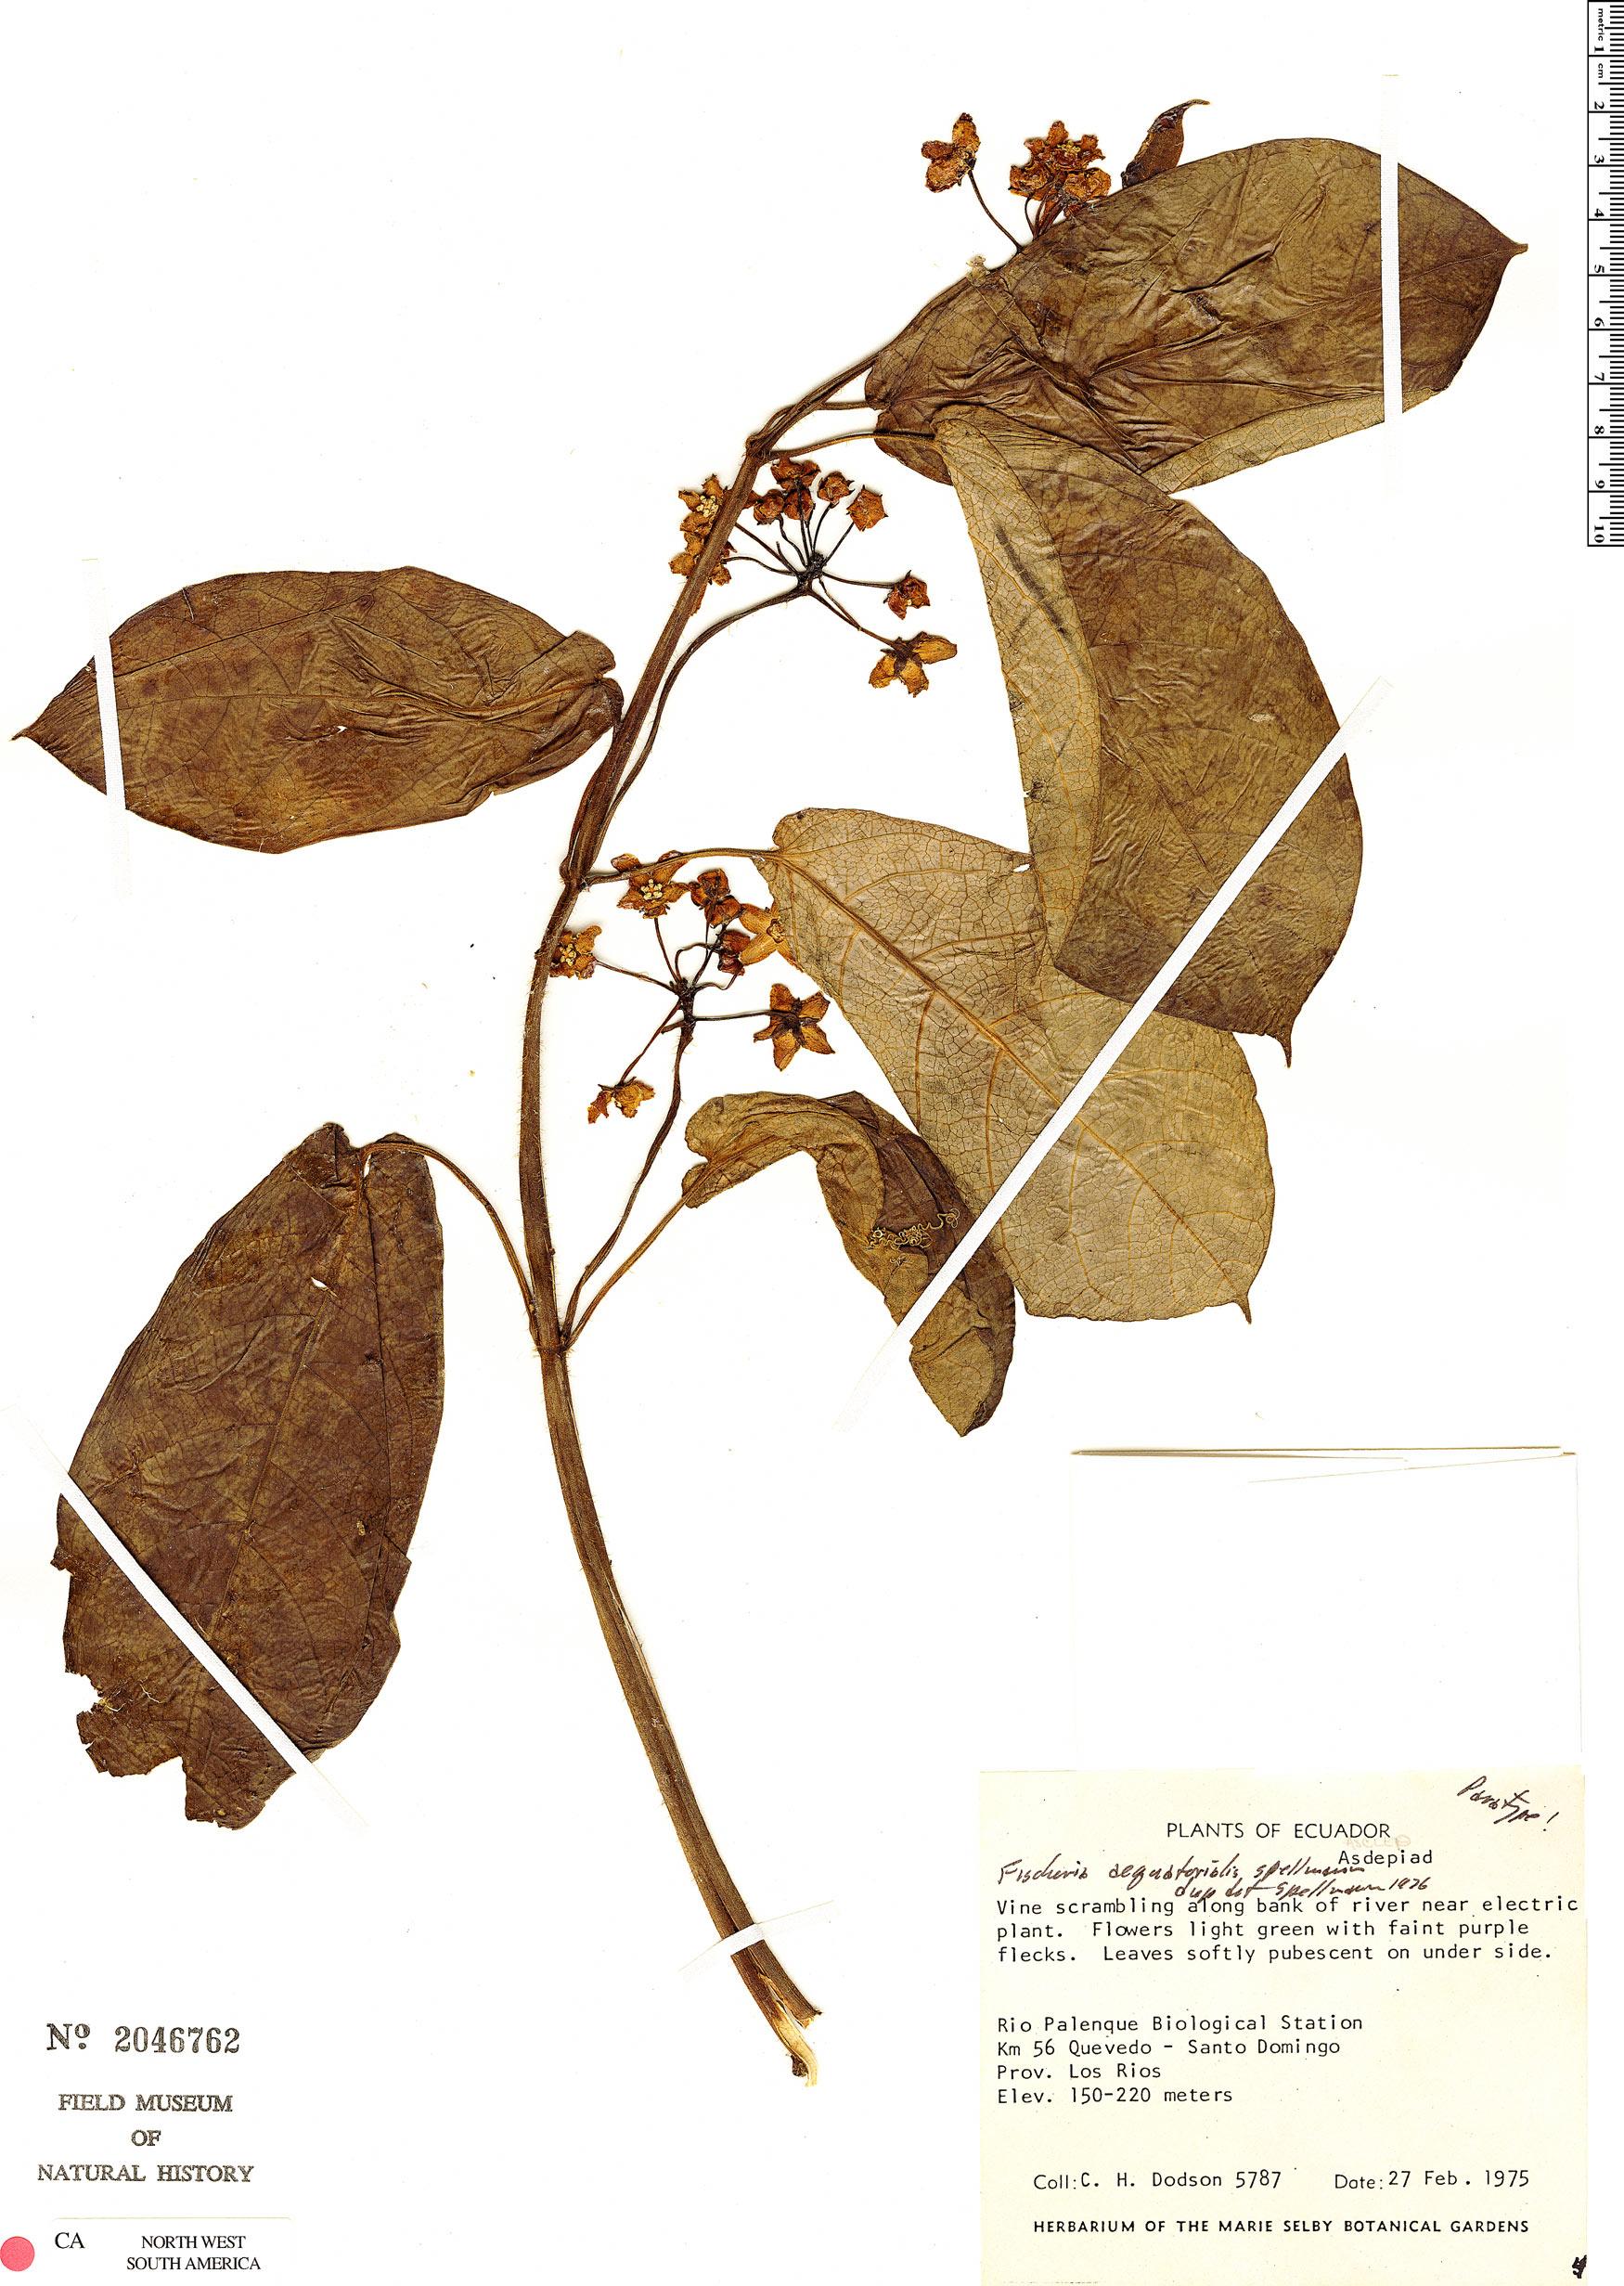 Specimen: Fischeria aequatorialis